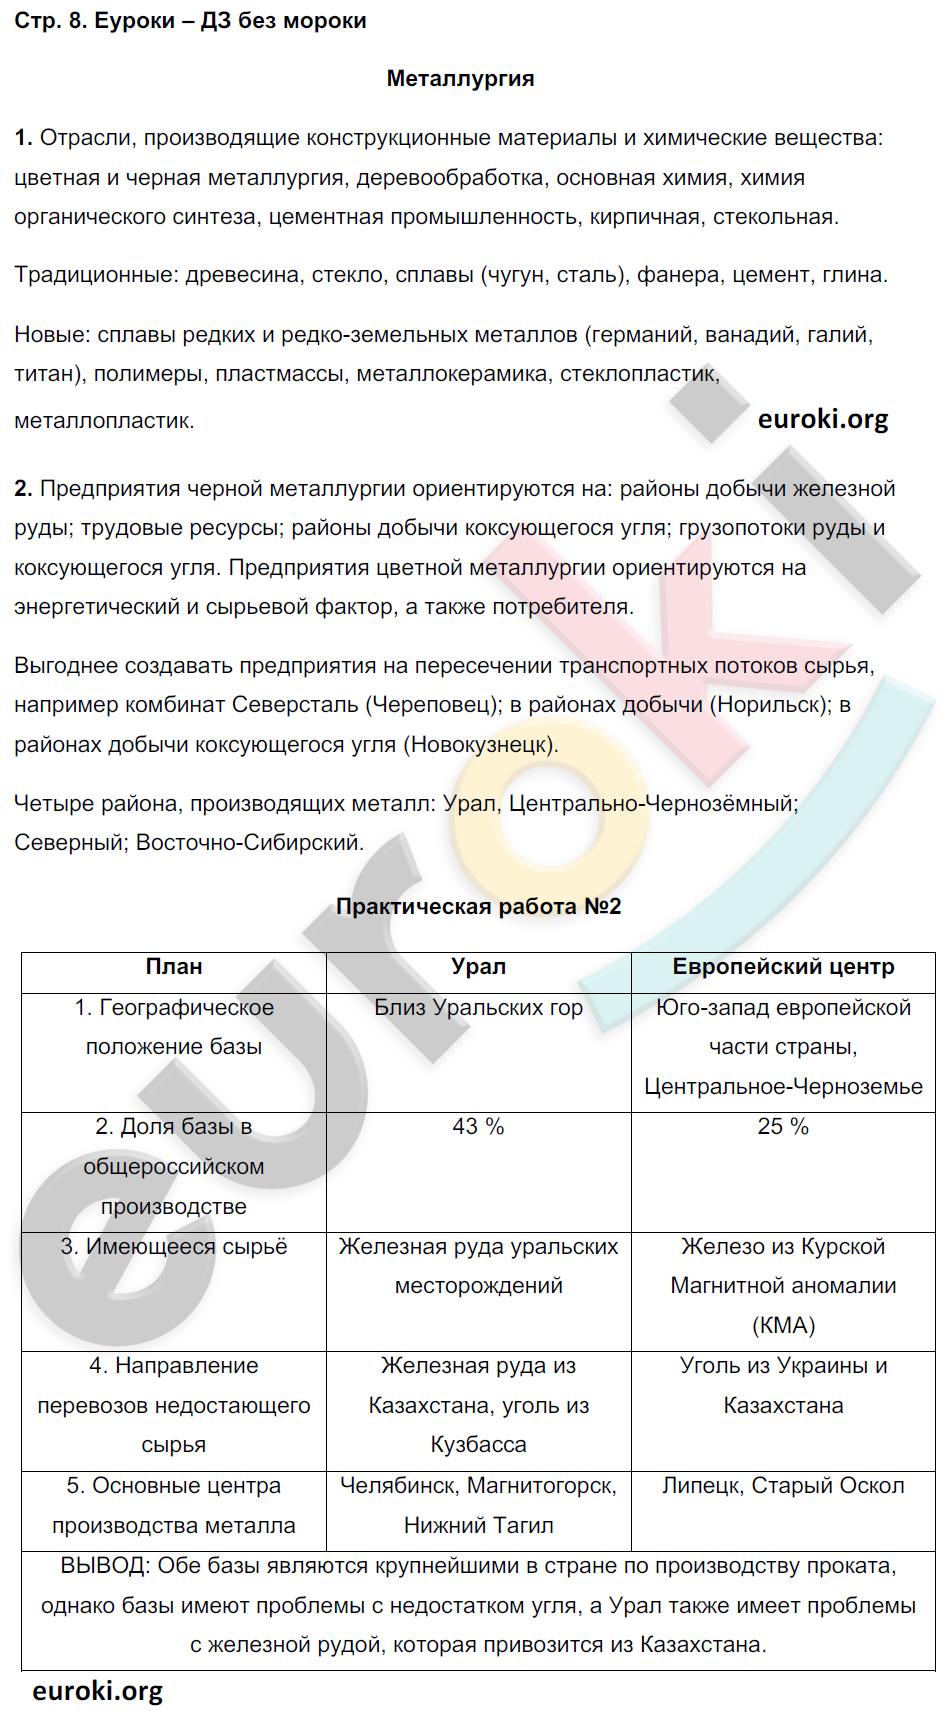 ГДЗ по географии 9 класс рабочая тетрадь Баринова, Суслов. Задание: стр. 8